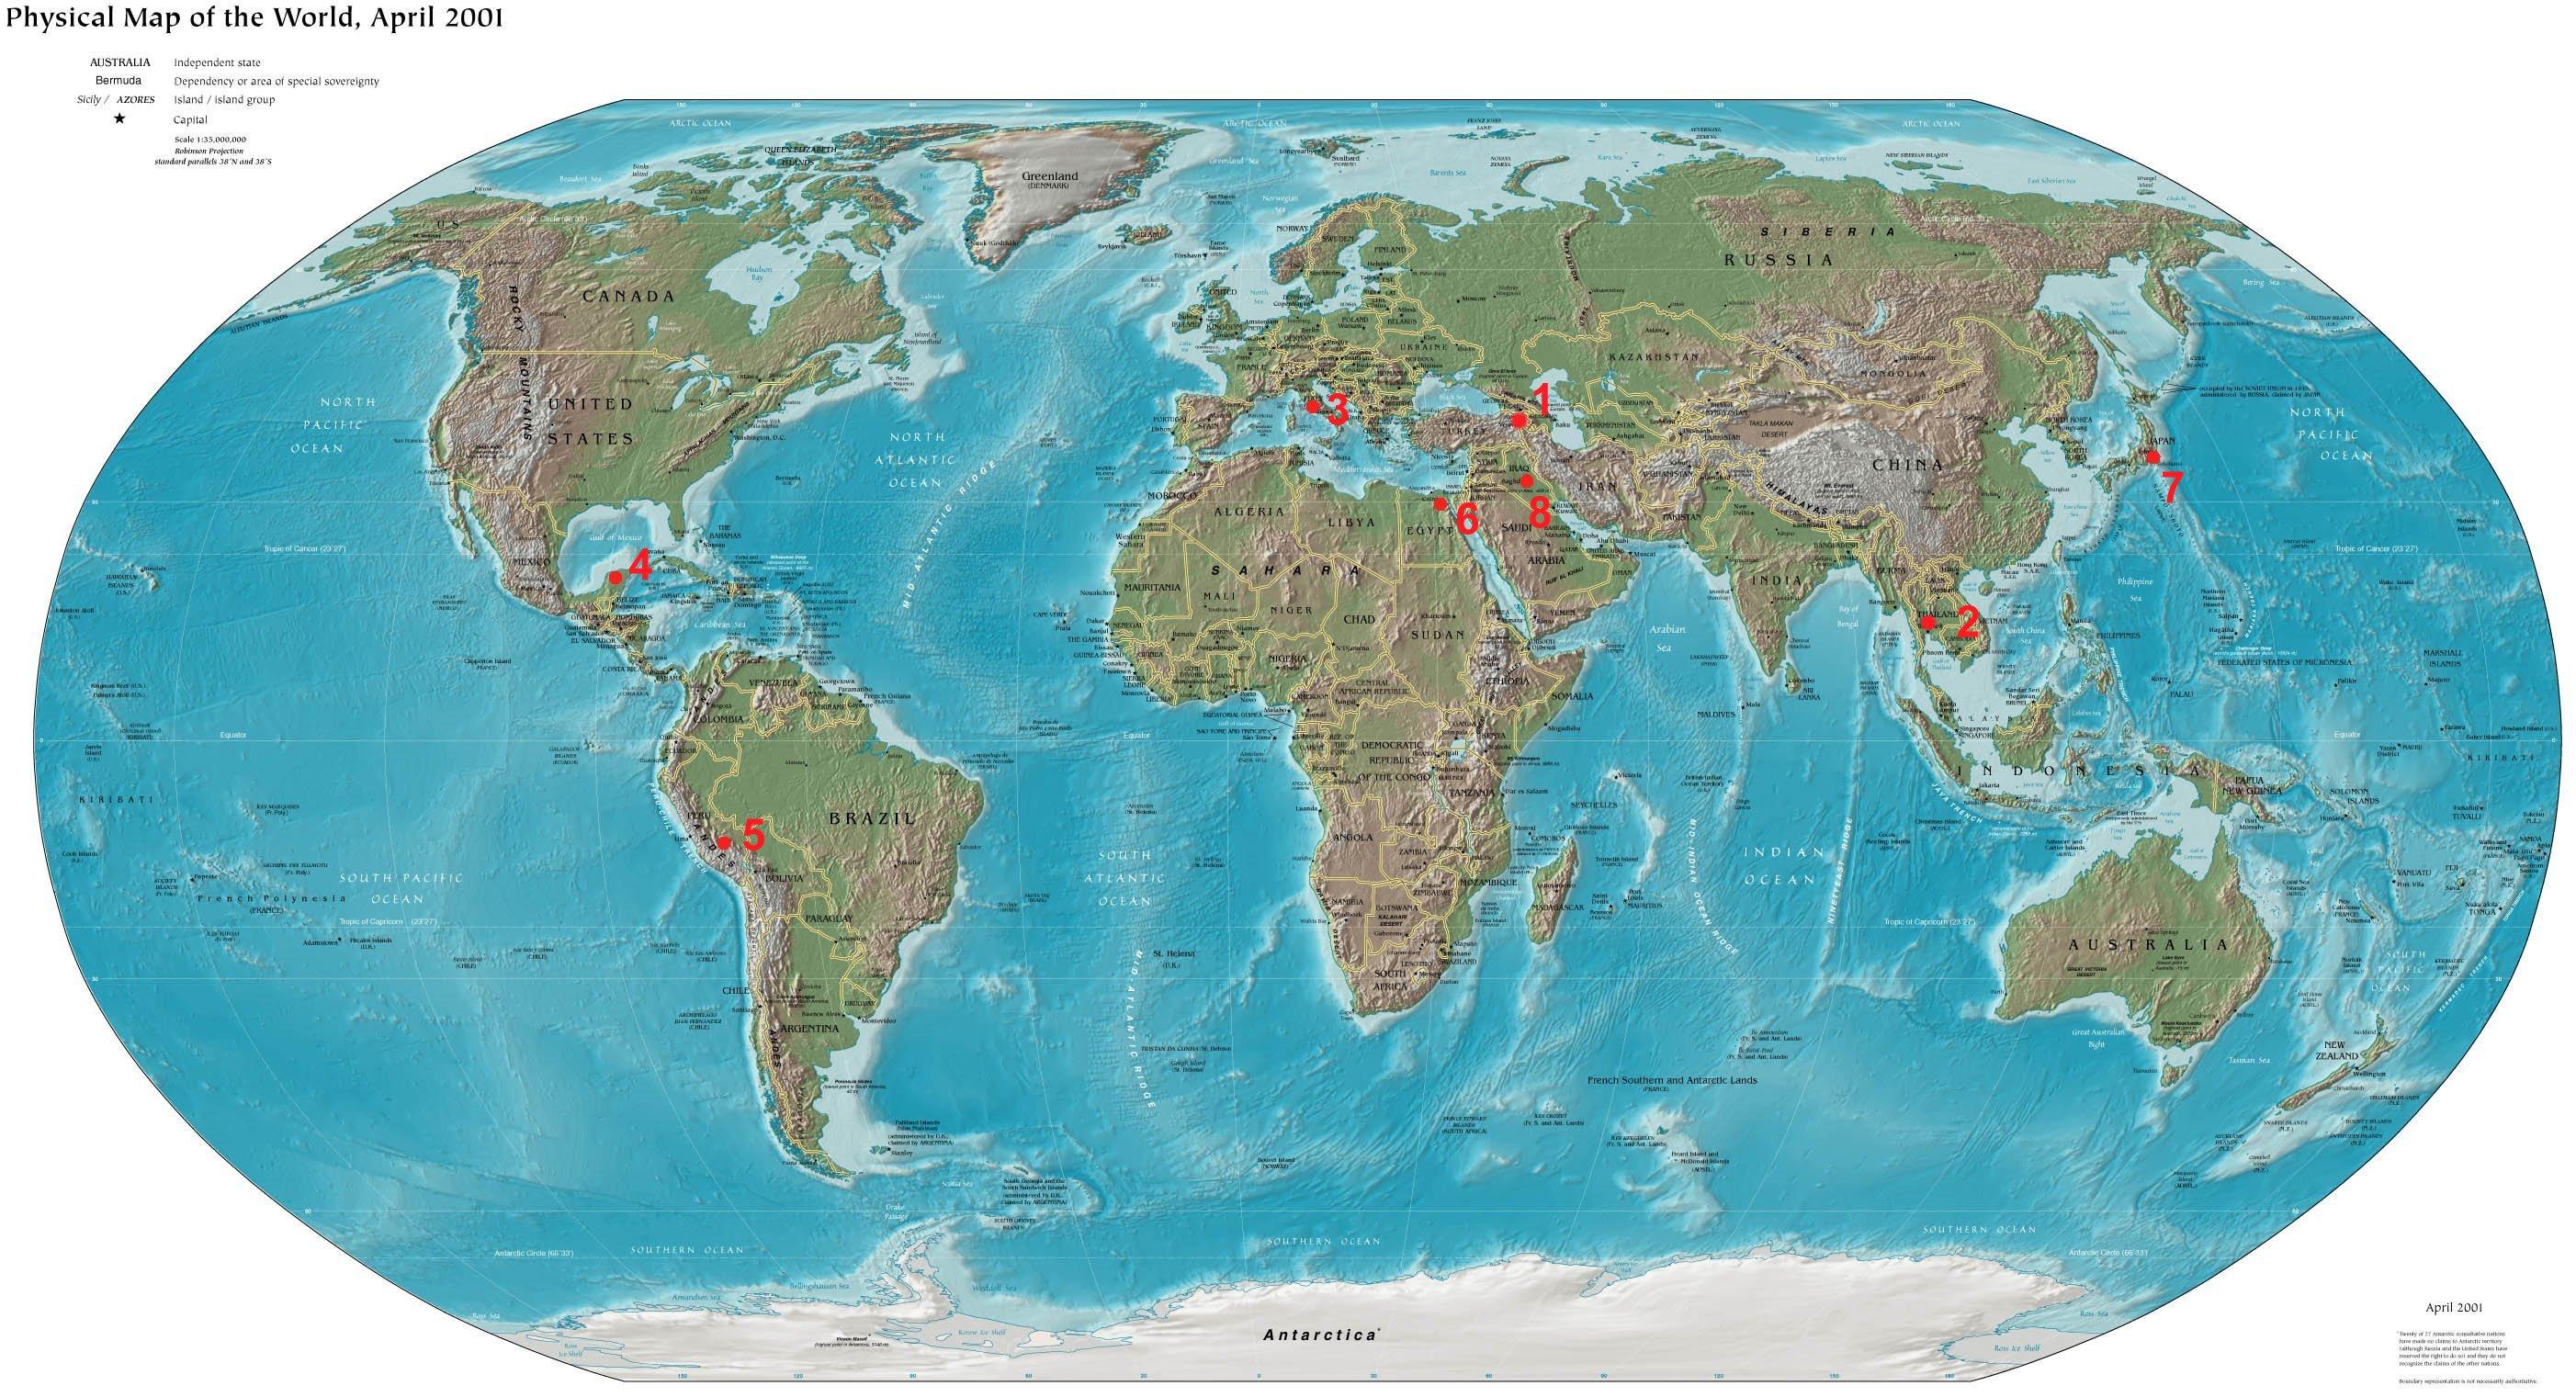 Geocache Description: